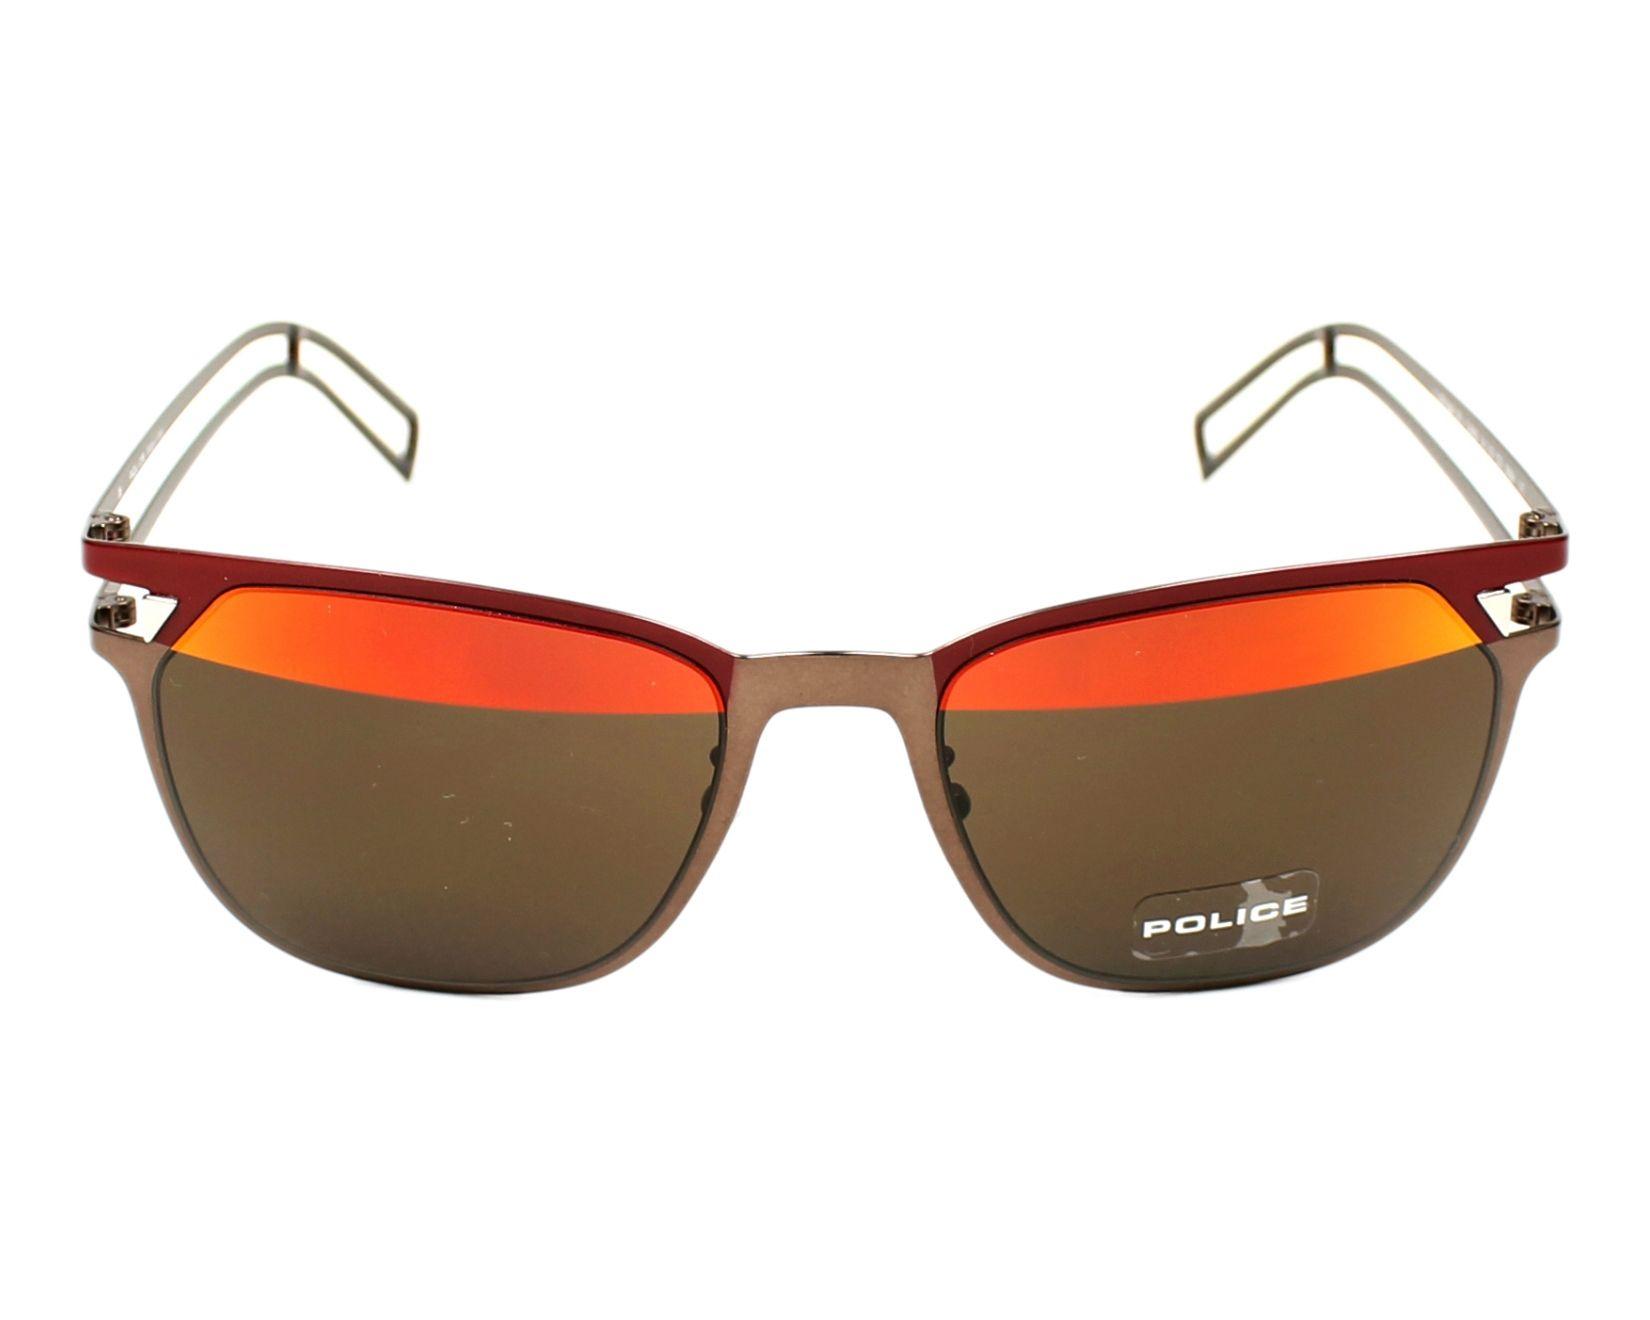 lunettes de soleil police s 8965 sn8h bronze avec des verres marron pour hommes. Black Bedroom Furniture Sets. Home Design Ideas